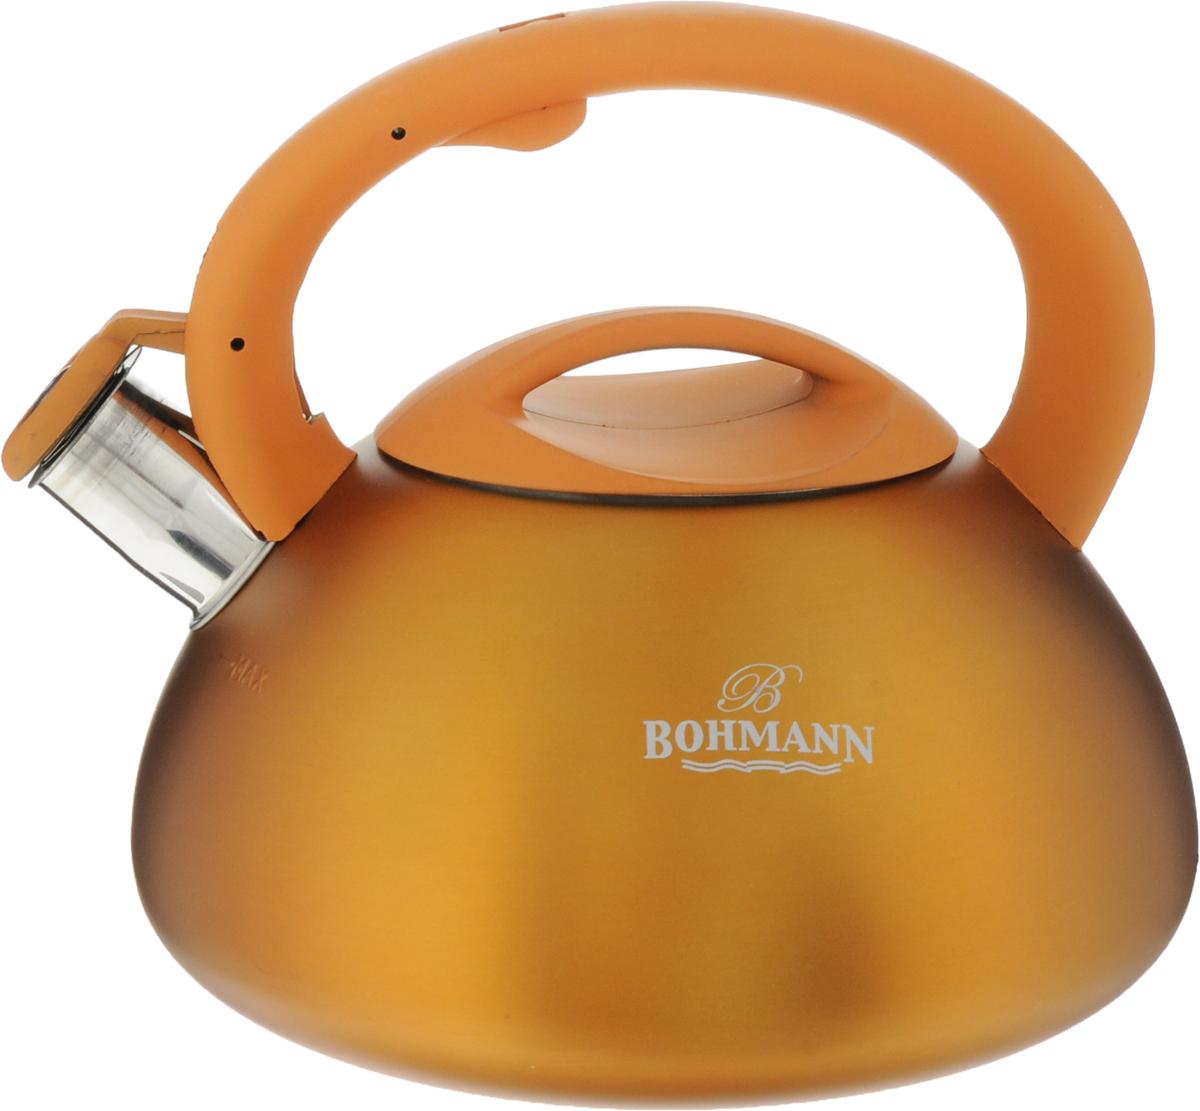 Чайник Bohmann, со свистком, цвет: оранжевый, 3 л. BH-9957BH-9957_оранжевыйЧайник Bohmann выполнен из высококачественной нержавеющей стали, что делает его весьма гигиеничным и устойчивым к износу при длительном использовании. Носик чайника оснащен насадкой-свистком, что позволит вам контролировать процесс подогрева или кипячения воды. Чайник снабжен стальной крышкой и эргономичной ручкой из пластика с резиновым покрытием.Эстетичный и функциональный чайник будет оригинально смотреться в любом интерьере.Подходит для всех типов плит, кроме индукционных. Можно мыть в посудомоечной машине. Высота чайника (с учетом ручки и крышки): 20 см.Диаметр чайника (по верхнему краю): 11 см.Диаметр индукционного дна: 16 см.